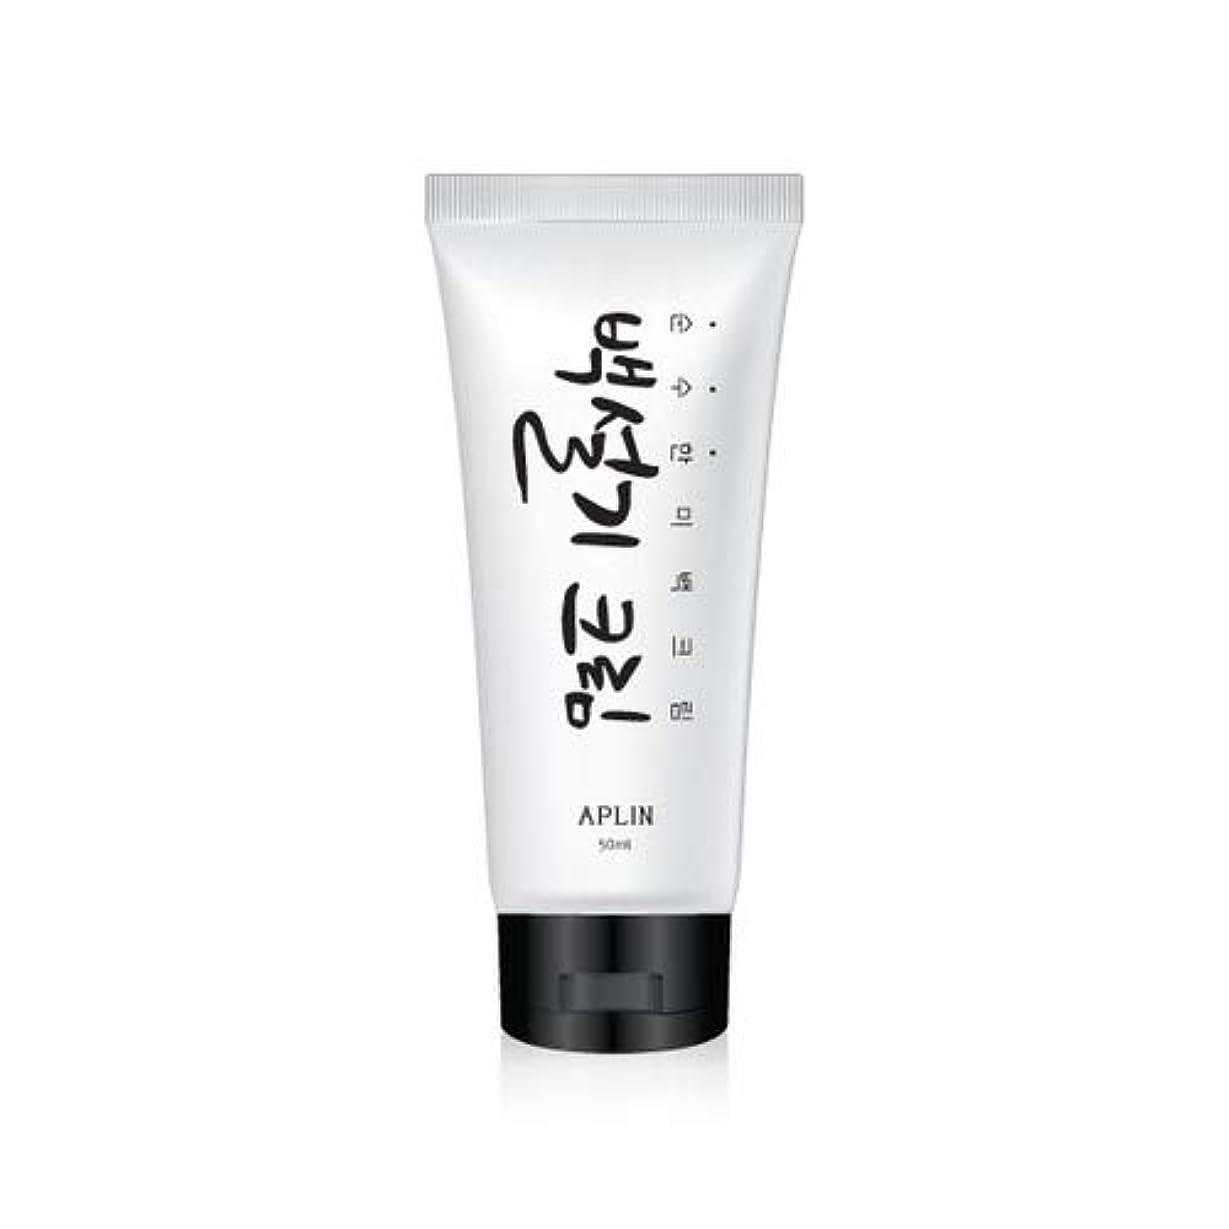 似ている塩辛い連続的[アプリン]+自然な美白クリーム+ペクソルギクリーム+50ml+1個(トーン アップ クリーム,美白,美肌 スキンケア,肌 くすみ,白い顔,オルチャンメイク,韓国コスメ,化粧下地,下地クリーム)